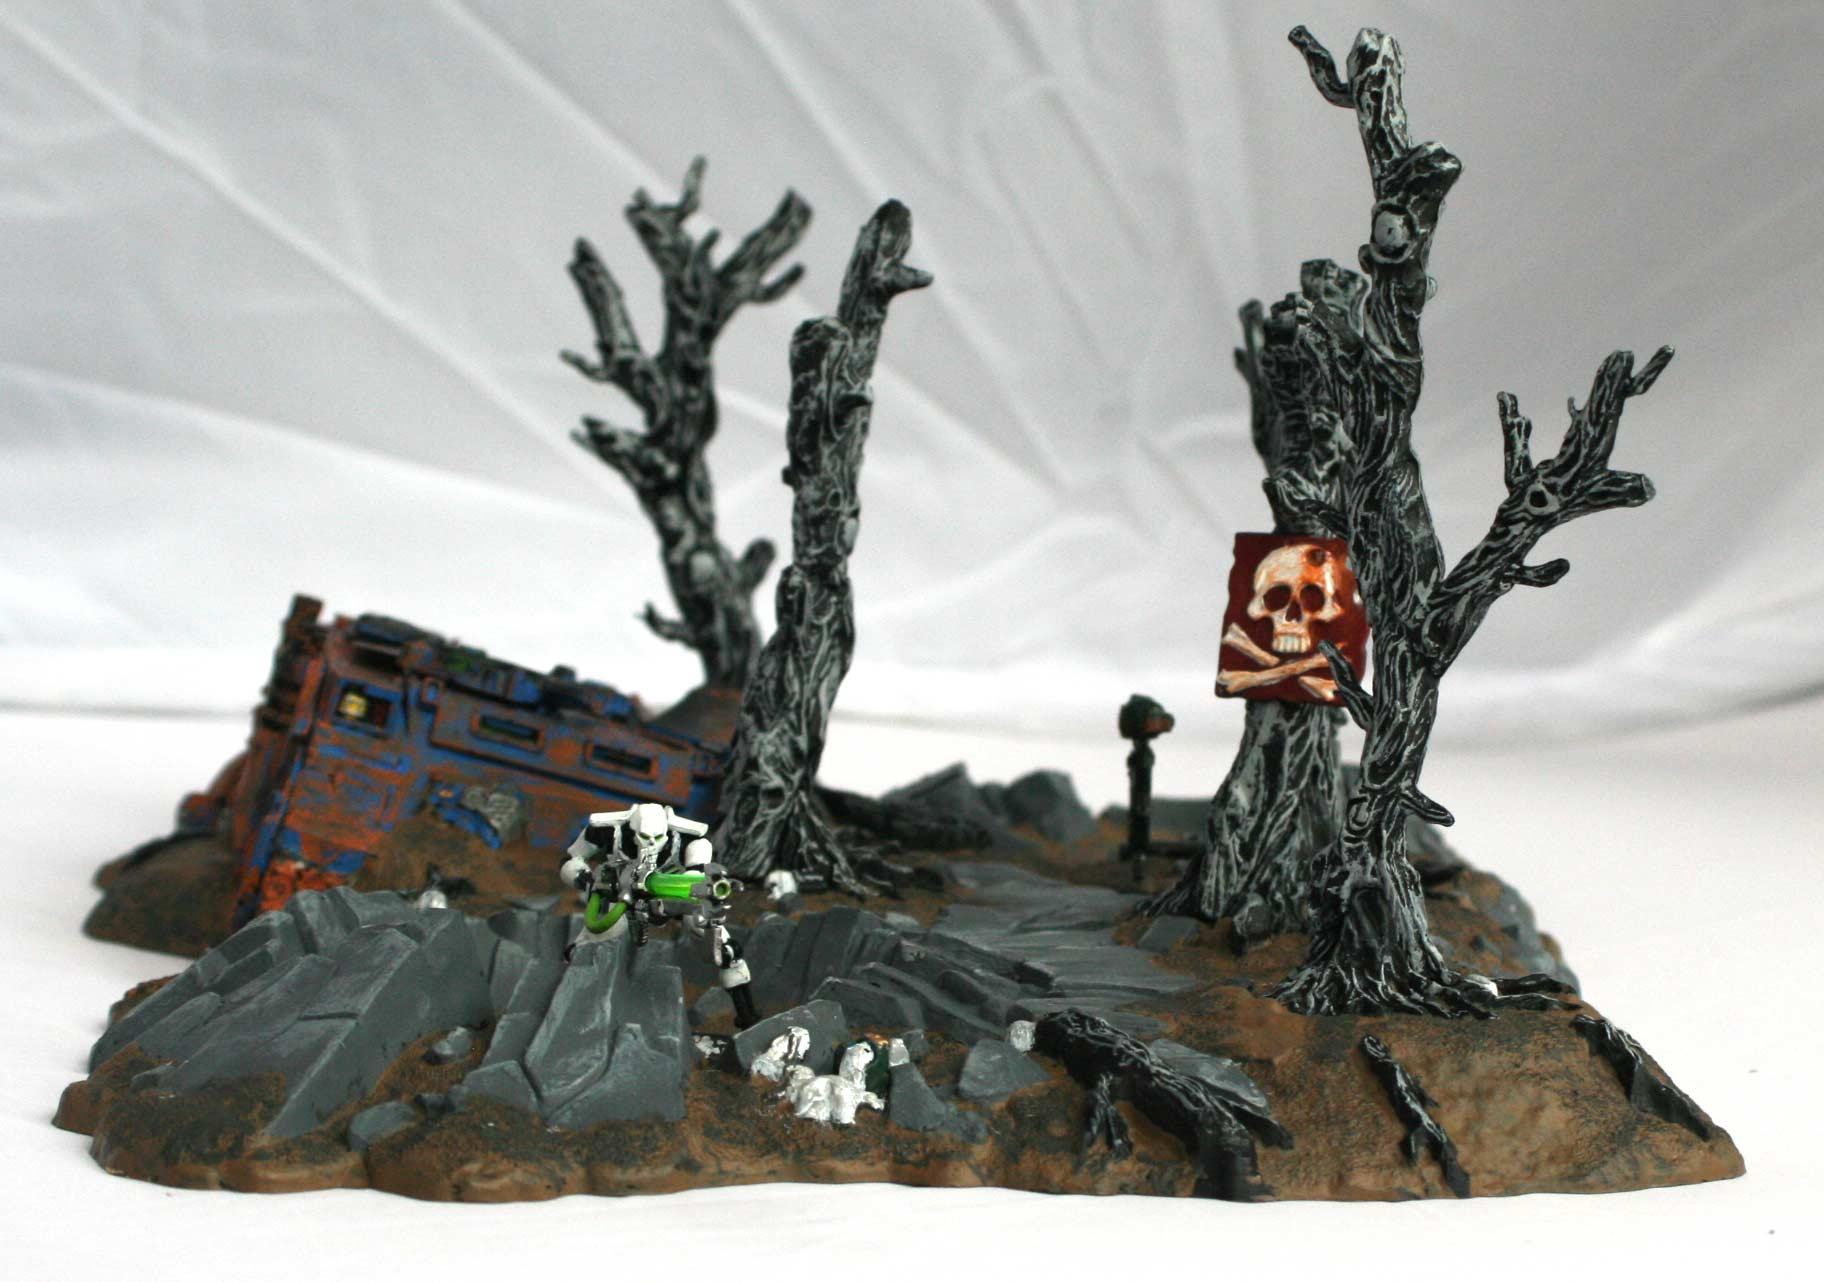 à l'intérieur du cratère une escouade de 4 à 5 personnages peut prendre place